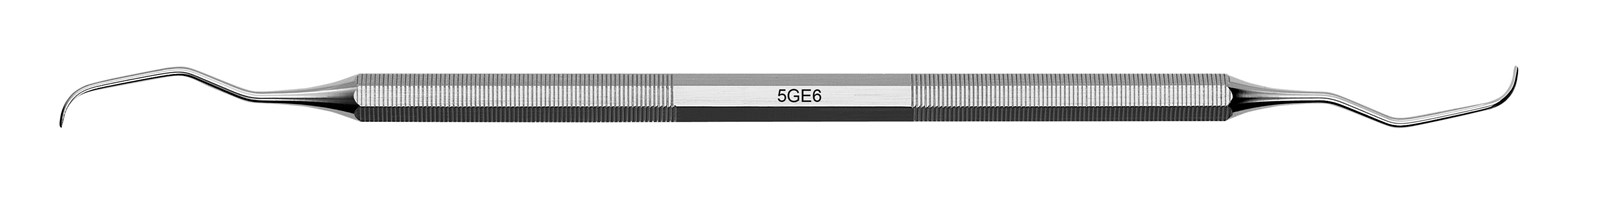 Kyreta Gracey Classic - 5GE6, ADEP silikonový návlek fialový